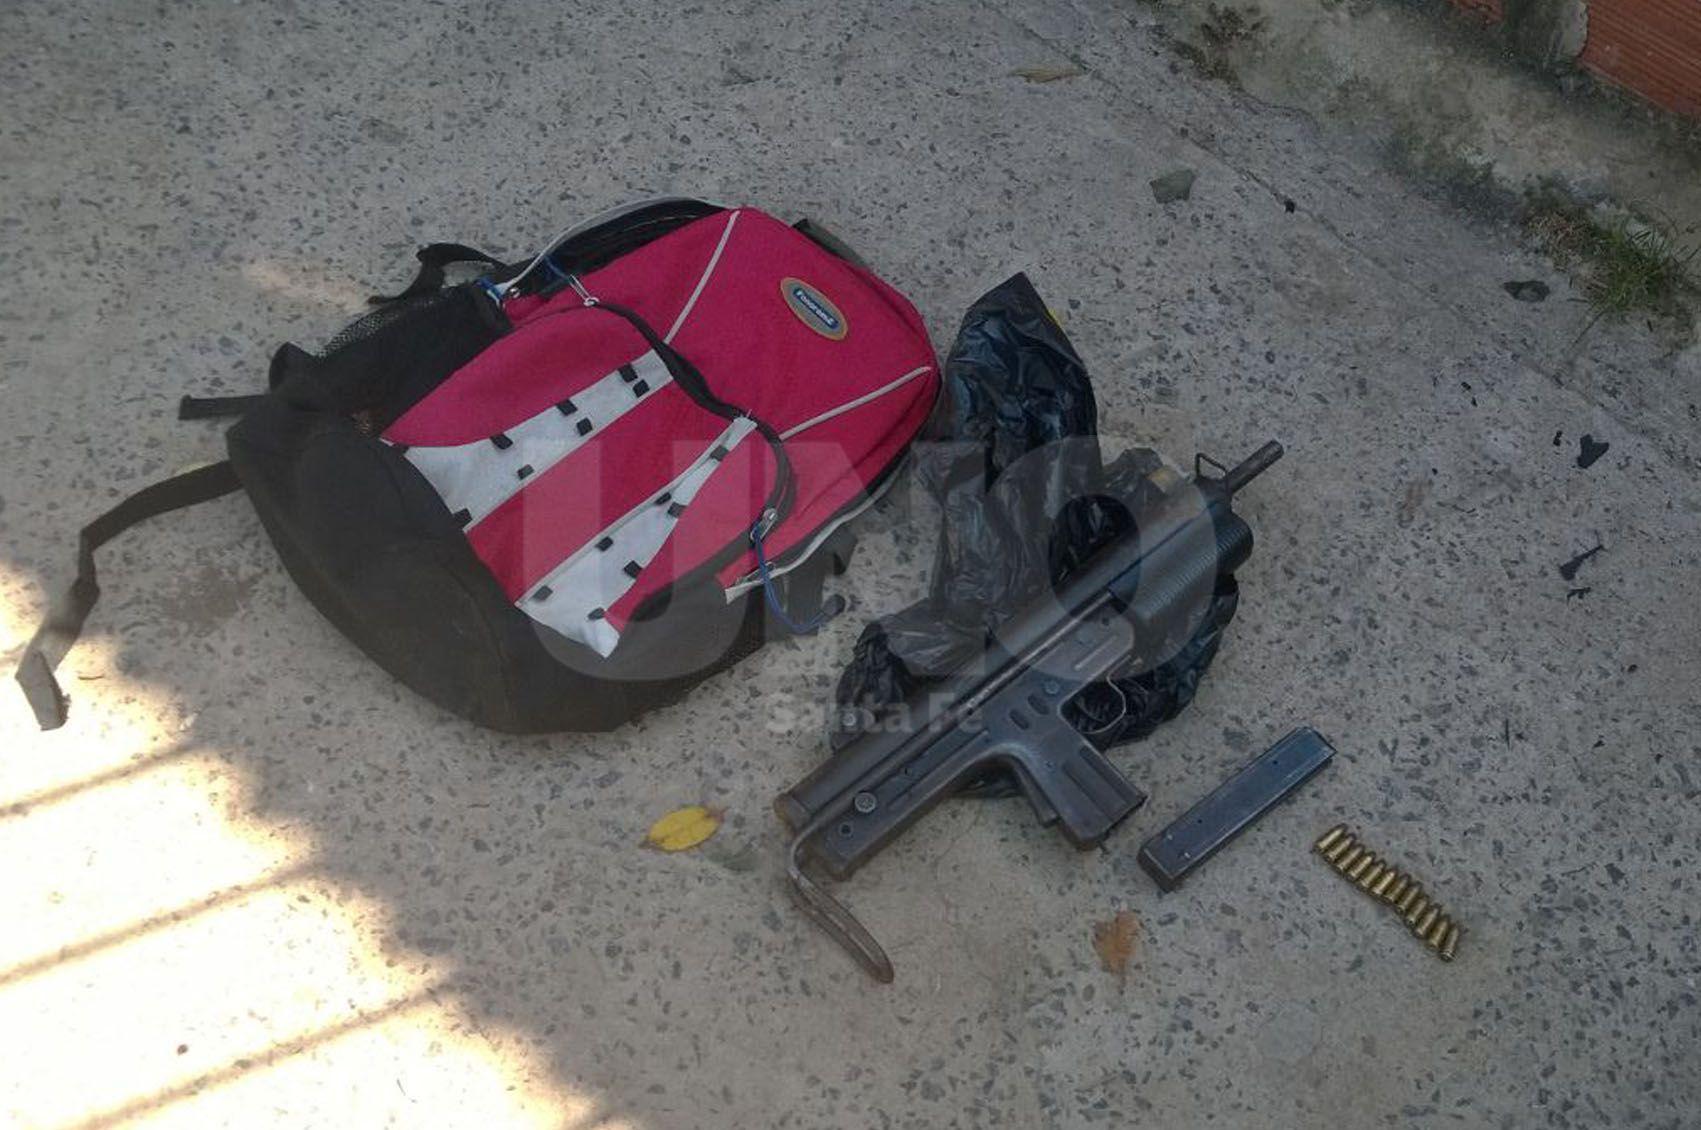 Tras un tiroteo entre la policía y delincuentes secuestraron una ametralladora en Santo Tomé